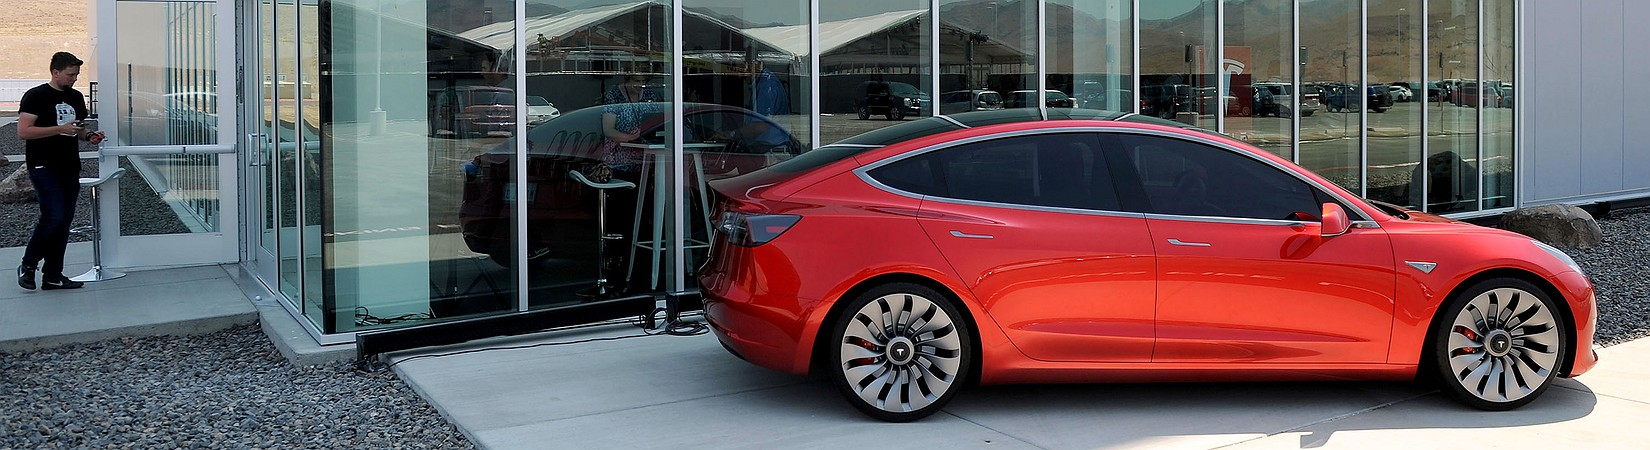 Tesla inaugura una gigafactoría sostenible